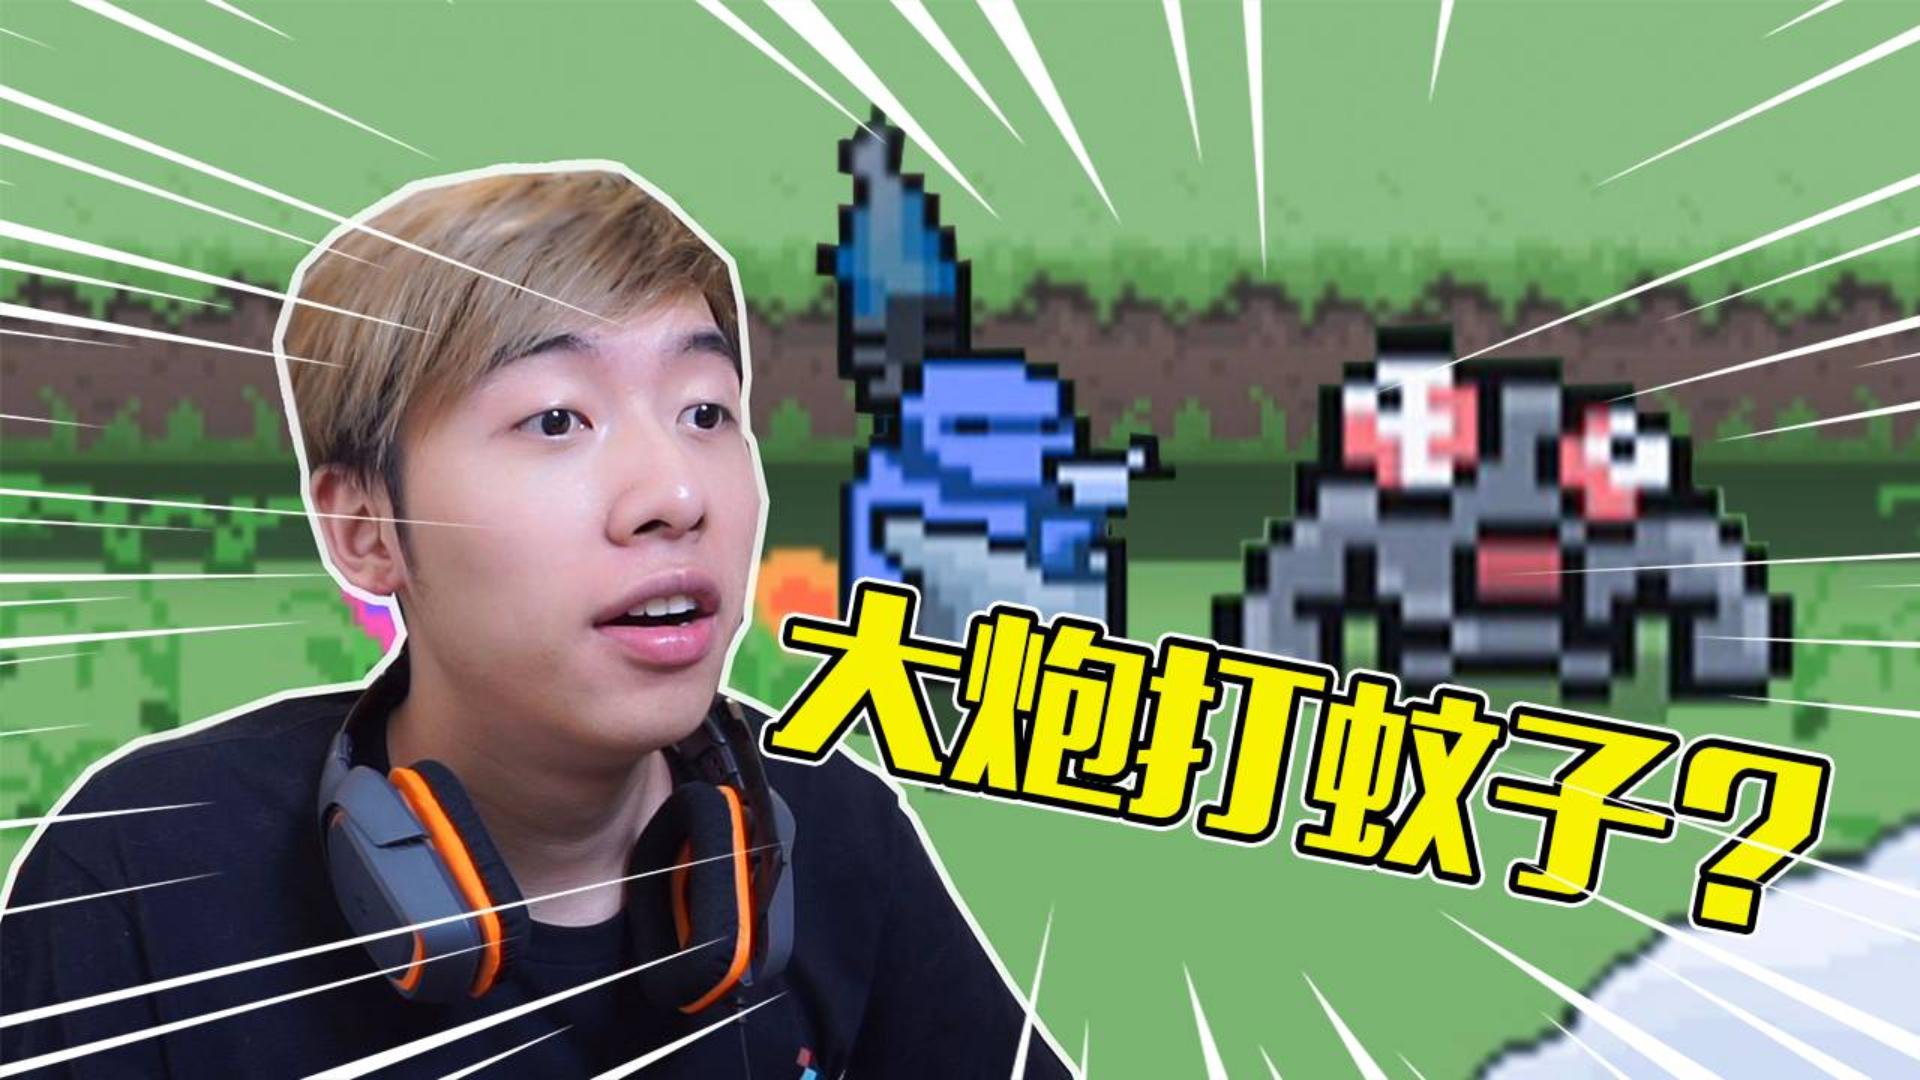 游戏圈内最奢侈的玩法,中国BOY挑战用大炮打蚊子!